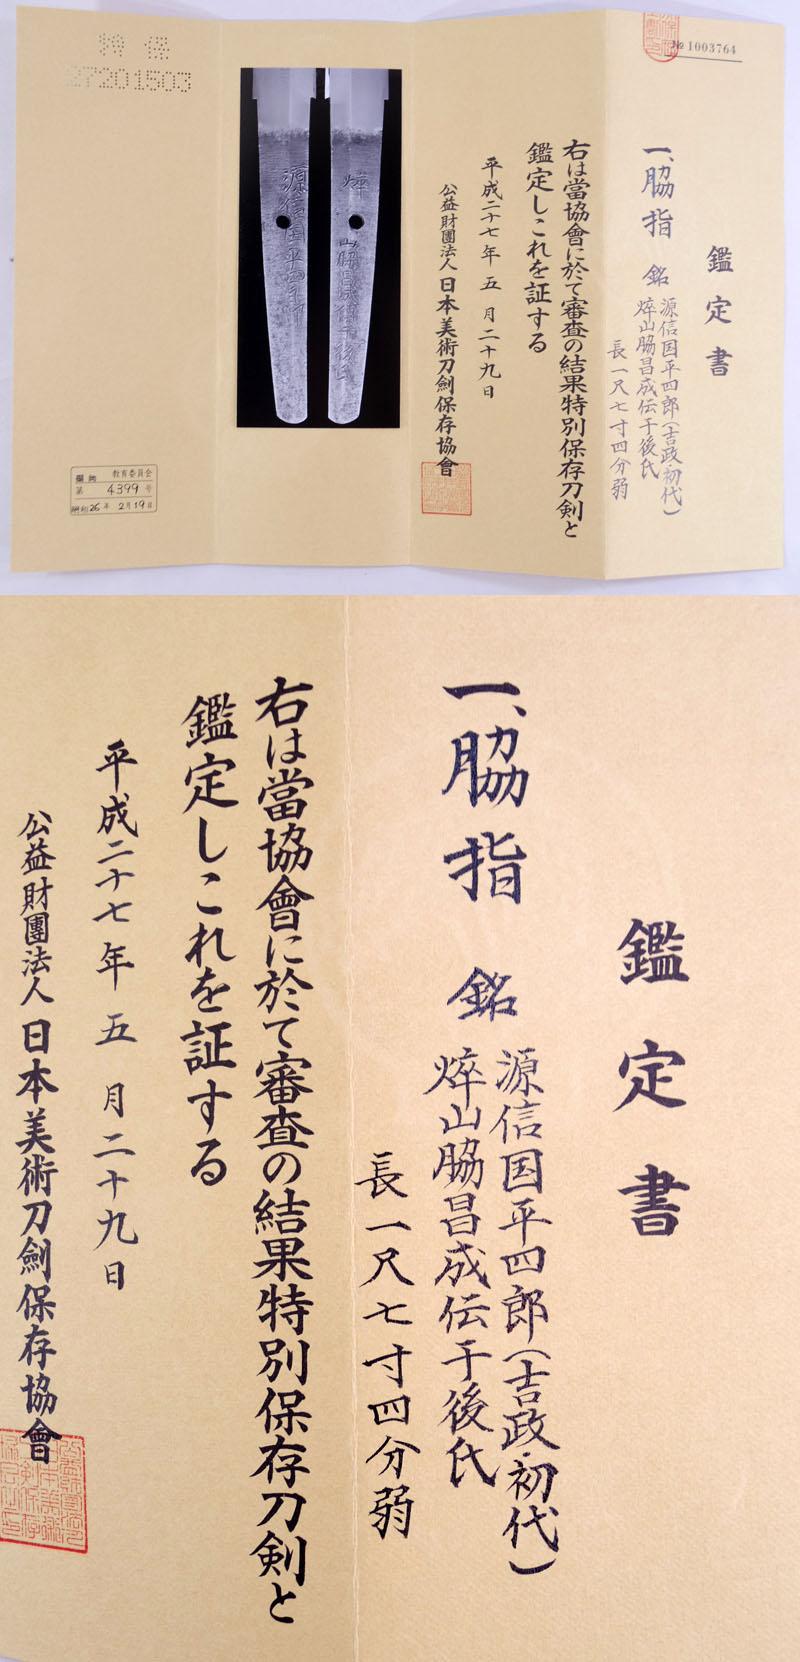 源信国平4郎(信国吉政・初代) Picture of Certificate